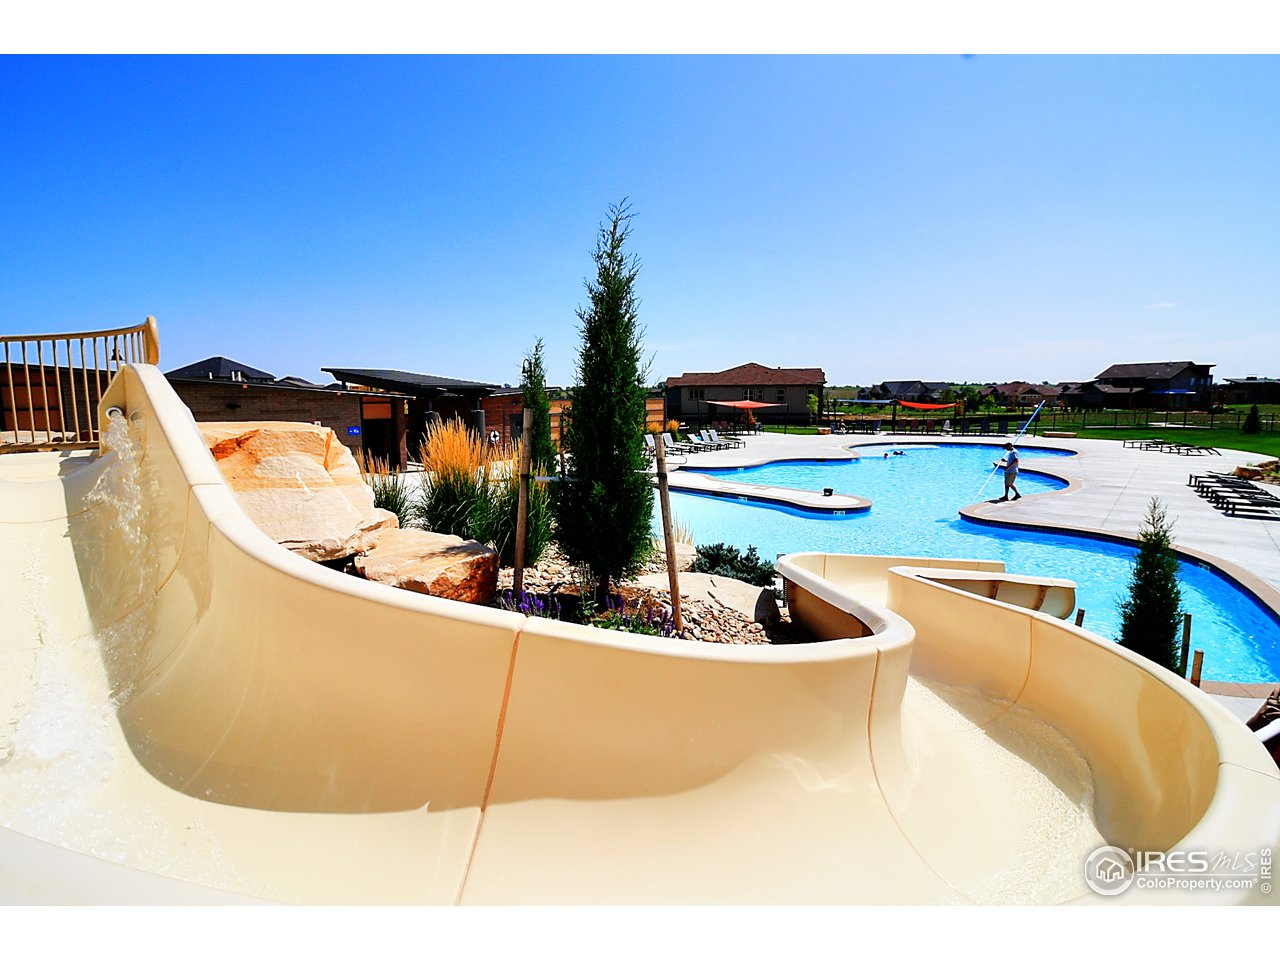 Amazing commuity pool